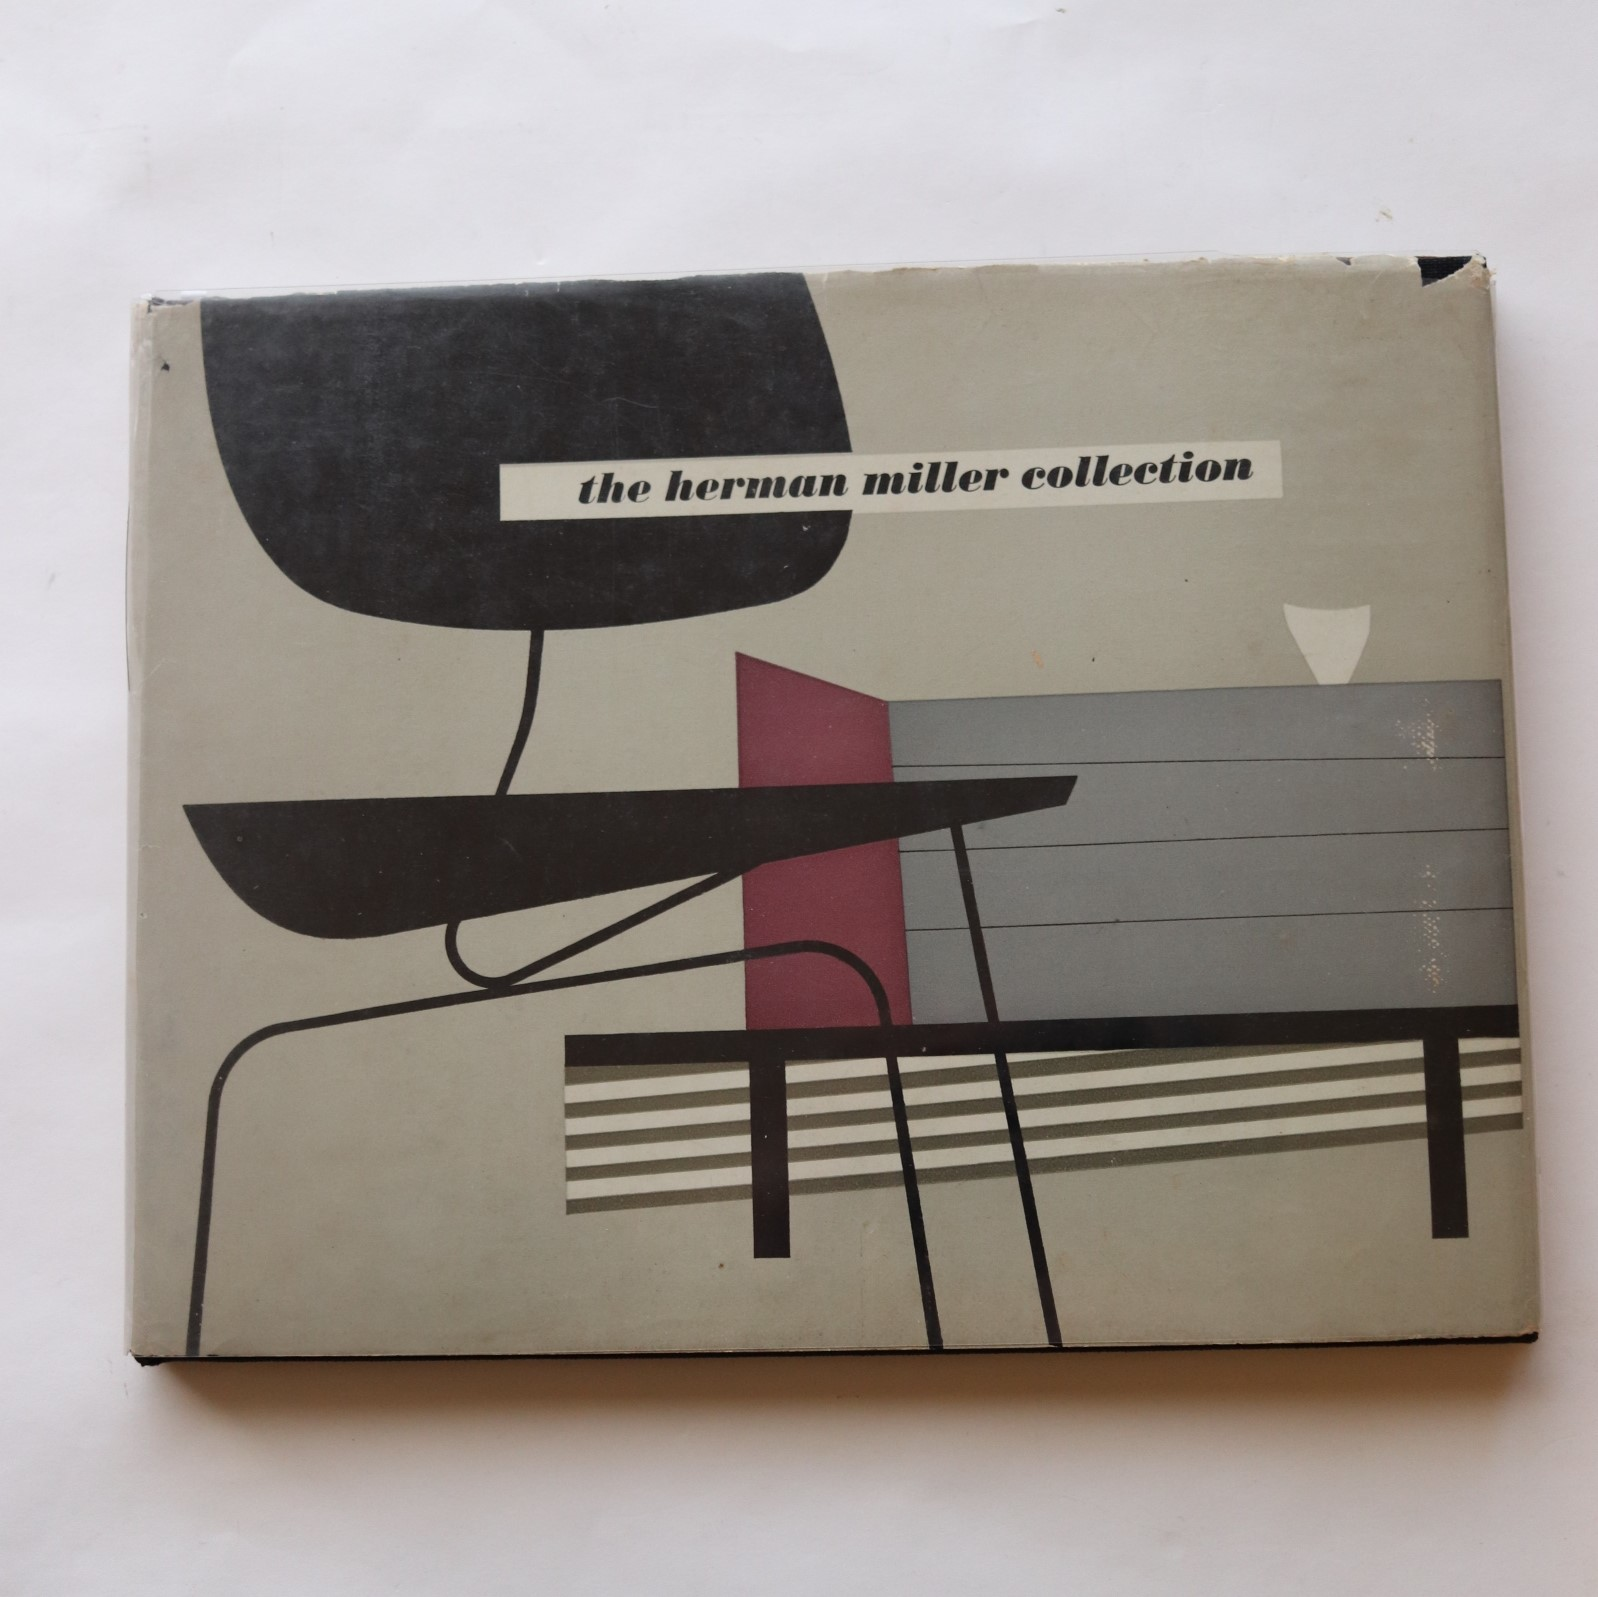 ハーマン・ミラー・コレクション The herman miller collection / George Nelson  Charles Eames  Isamu Noguchi